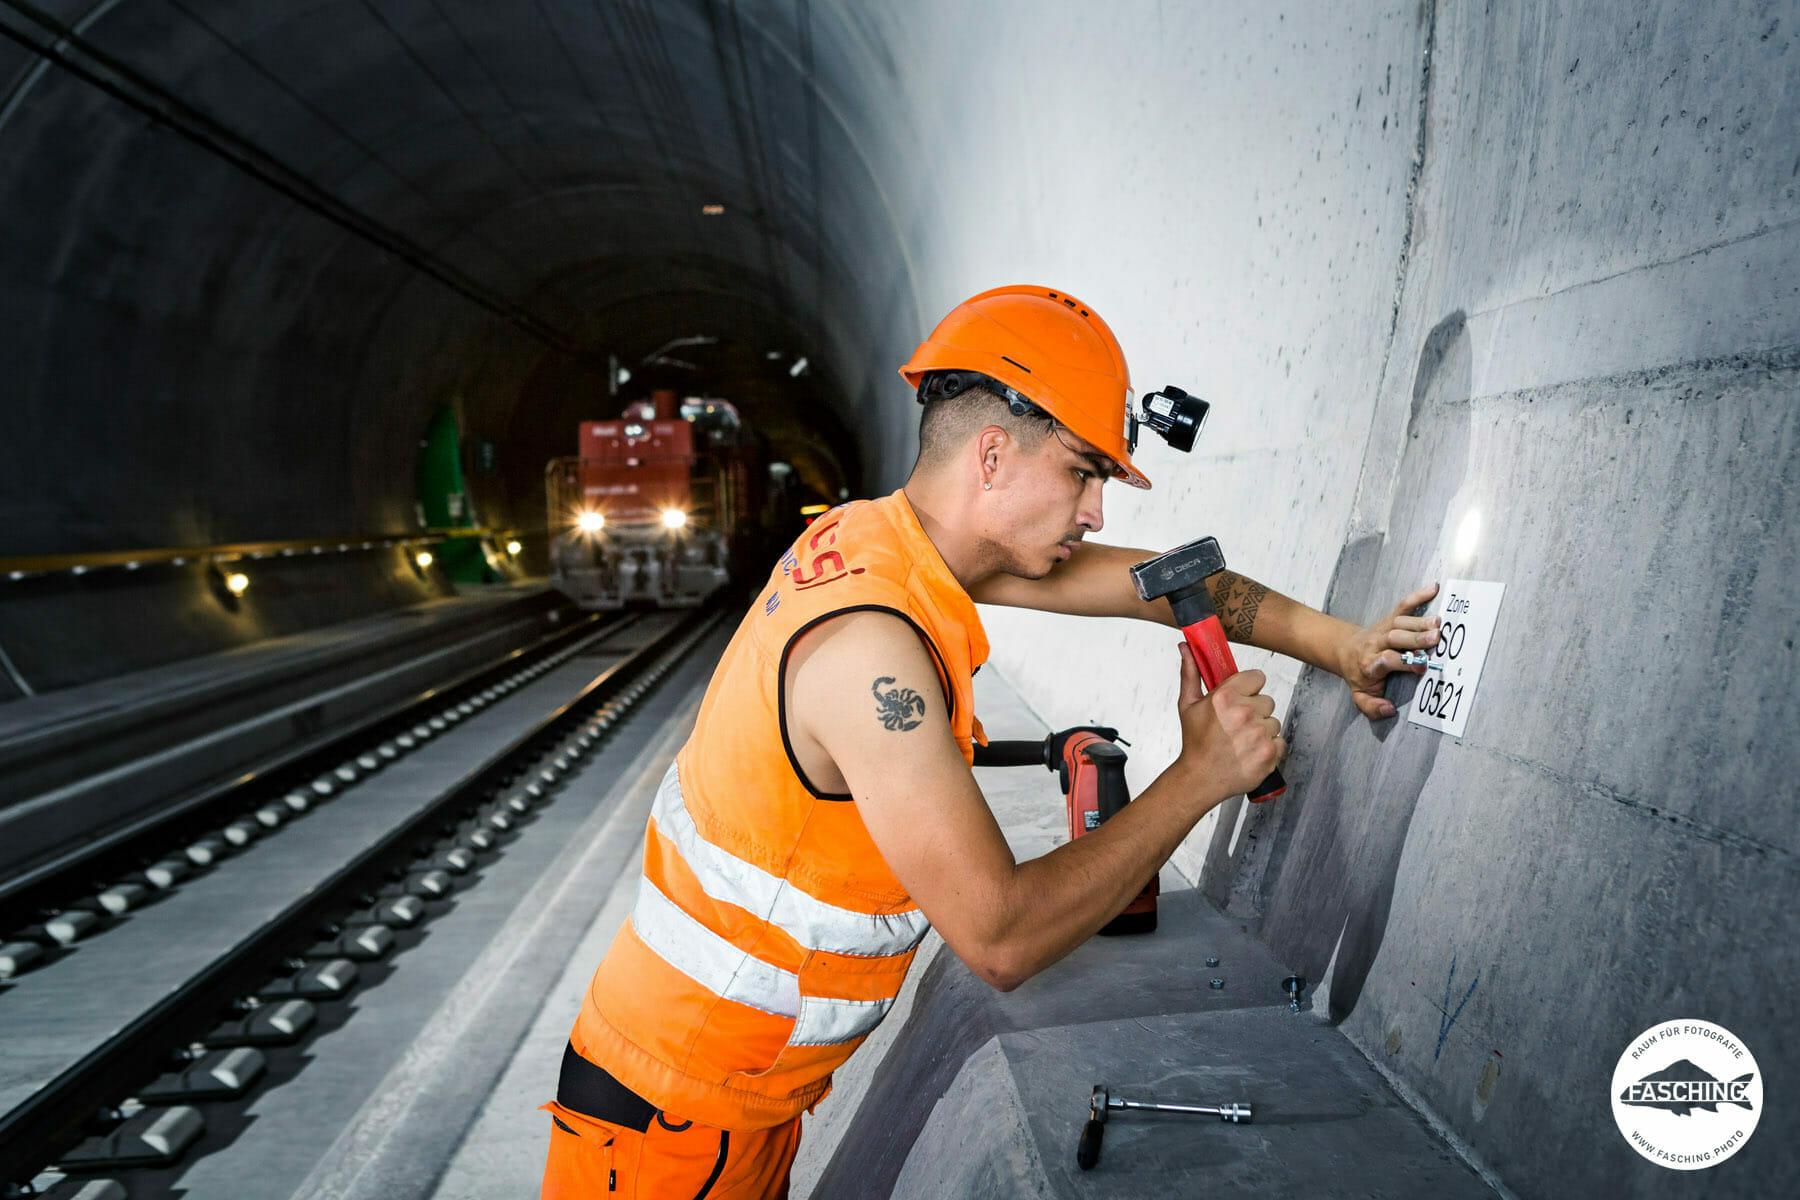 Industriefotografie des Gotthardtunnel von Luca Fasching